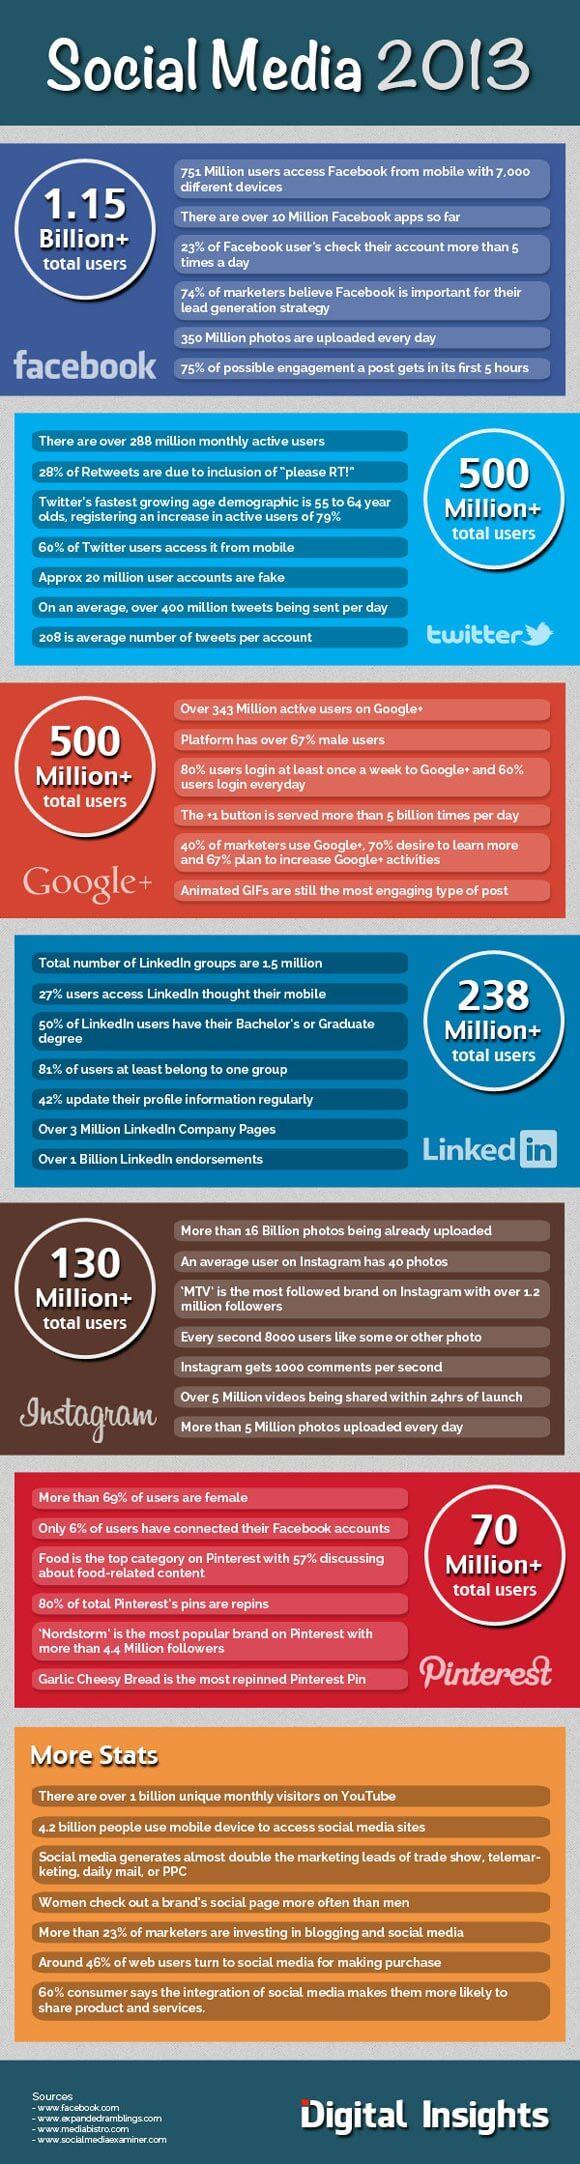 social-media-2013